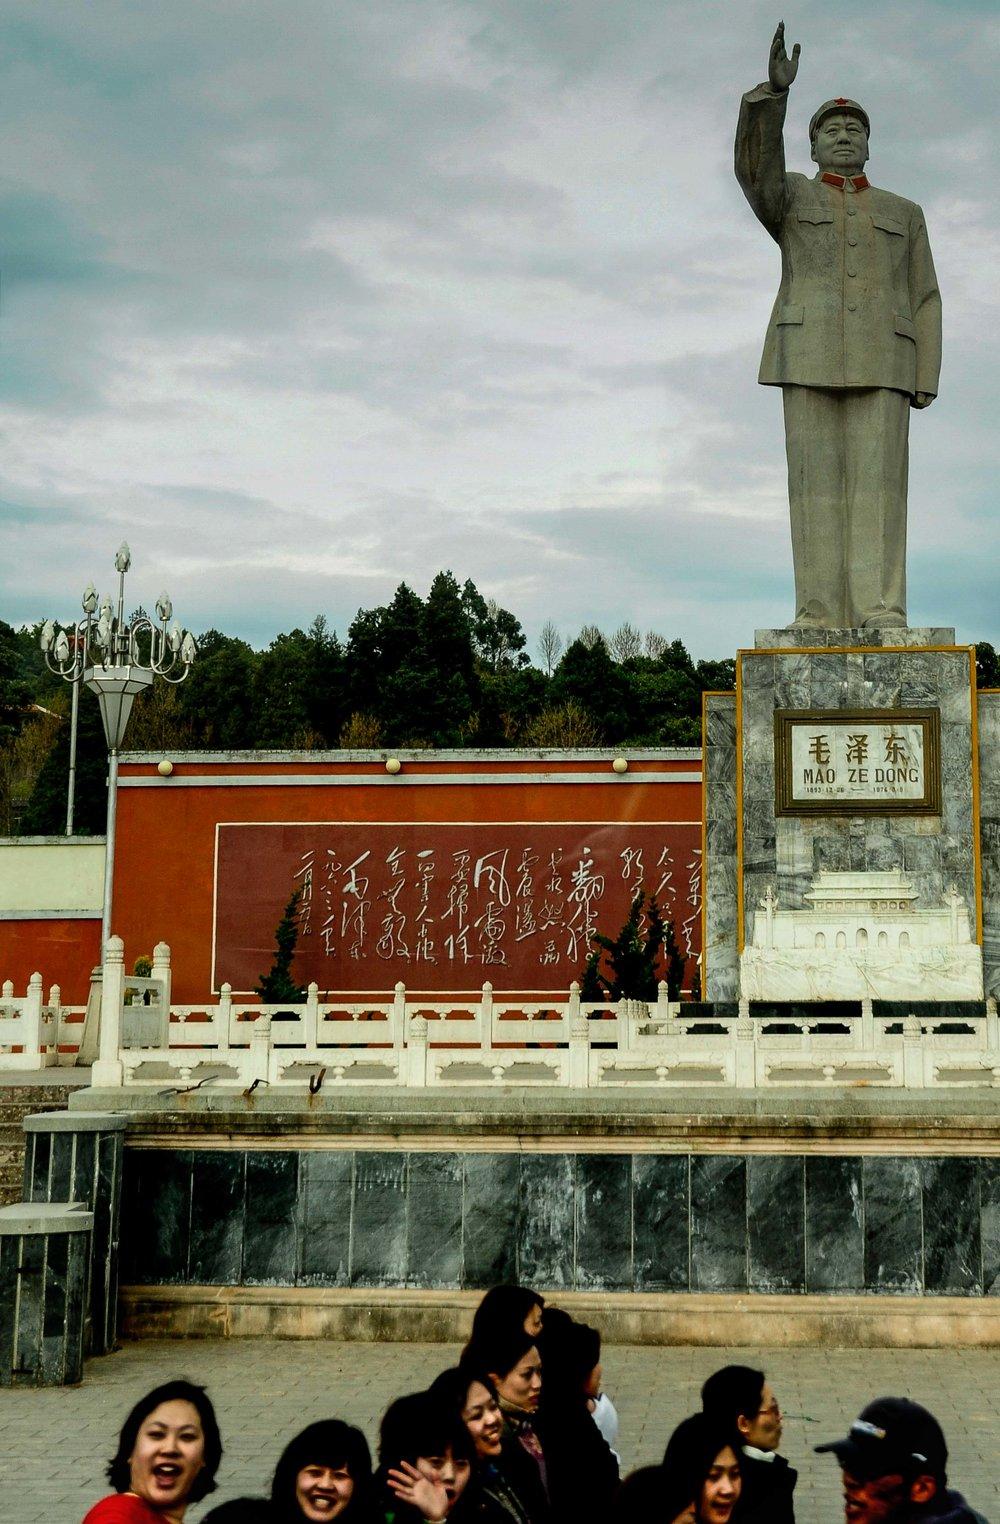 Mao,.Lijiang,.Yunnan Province, China 2009